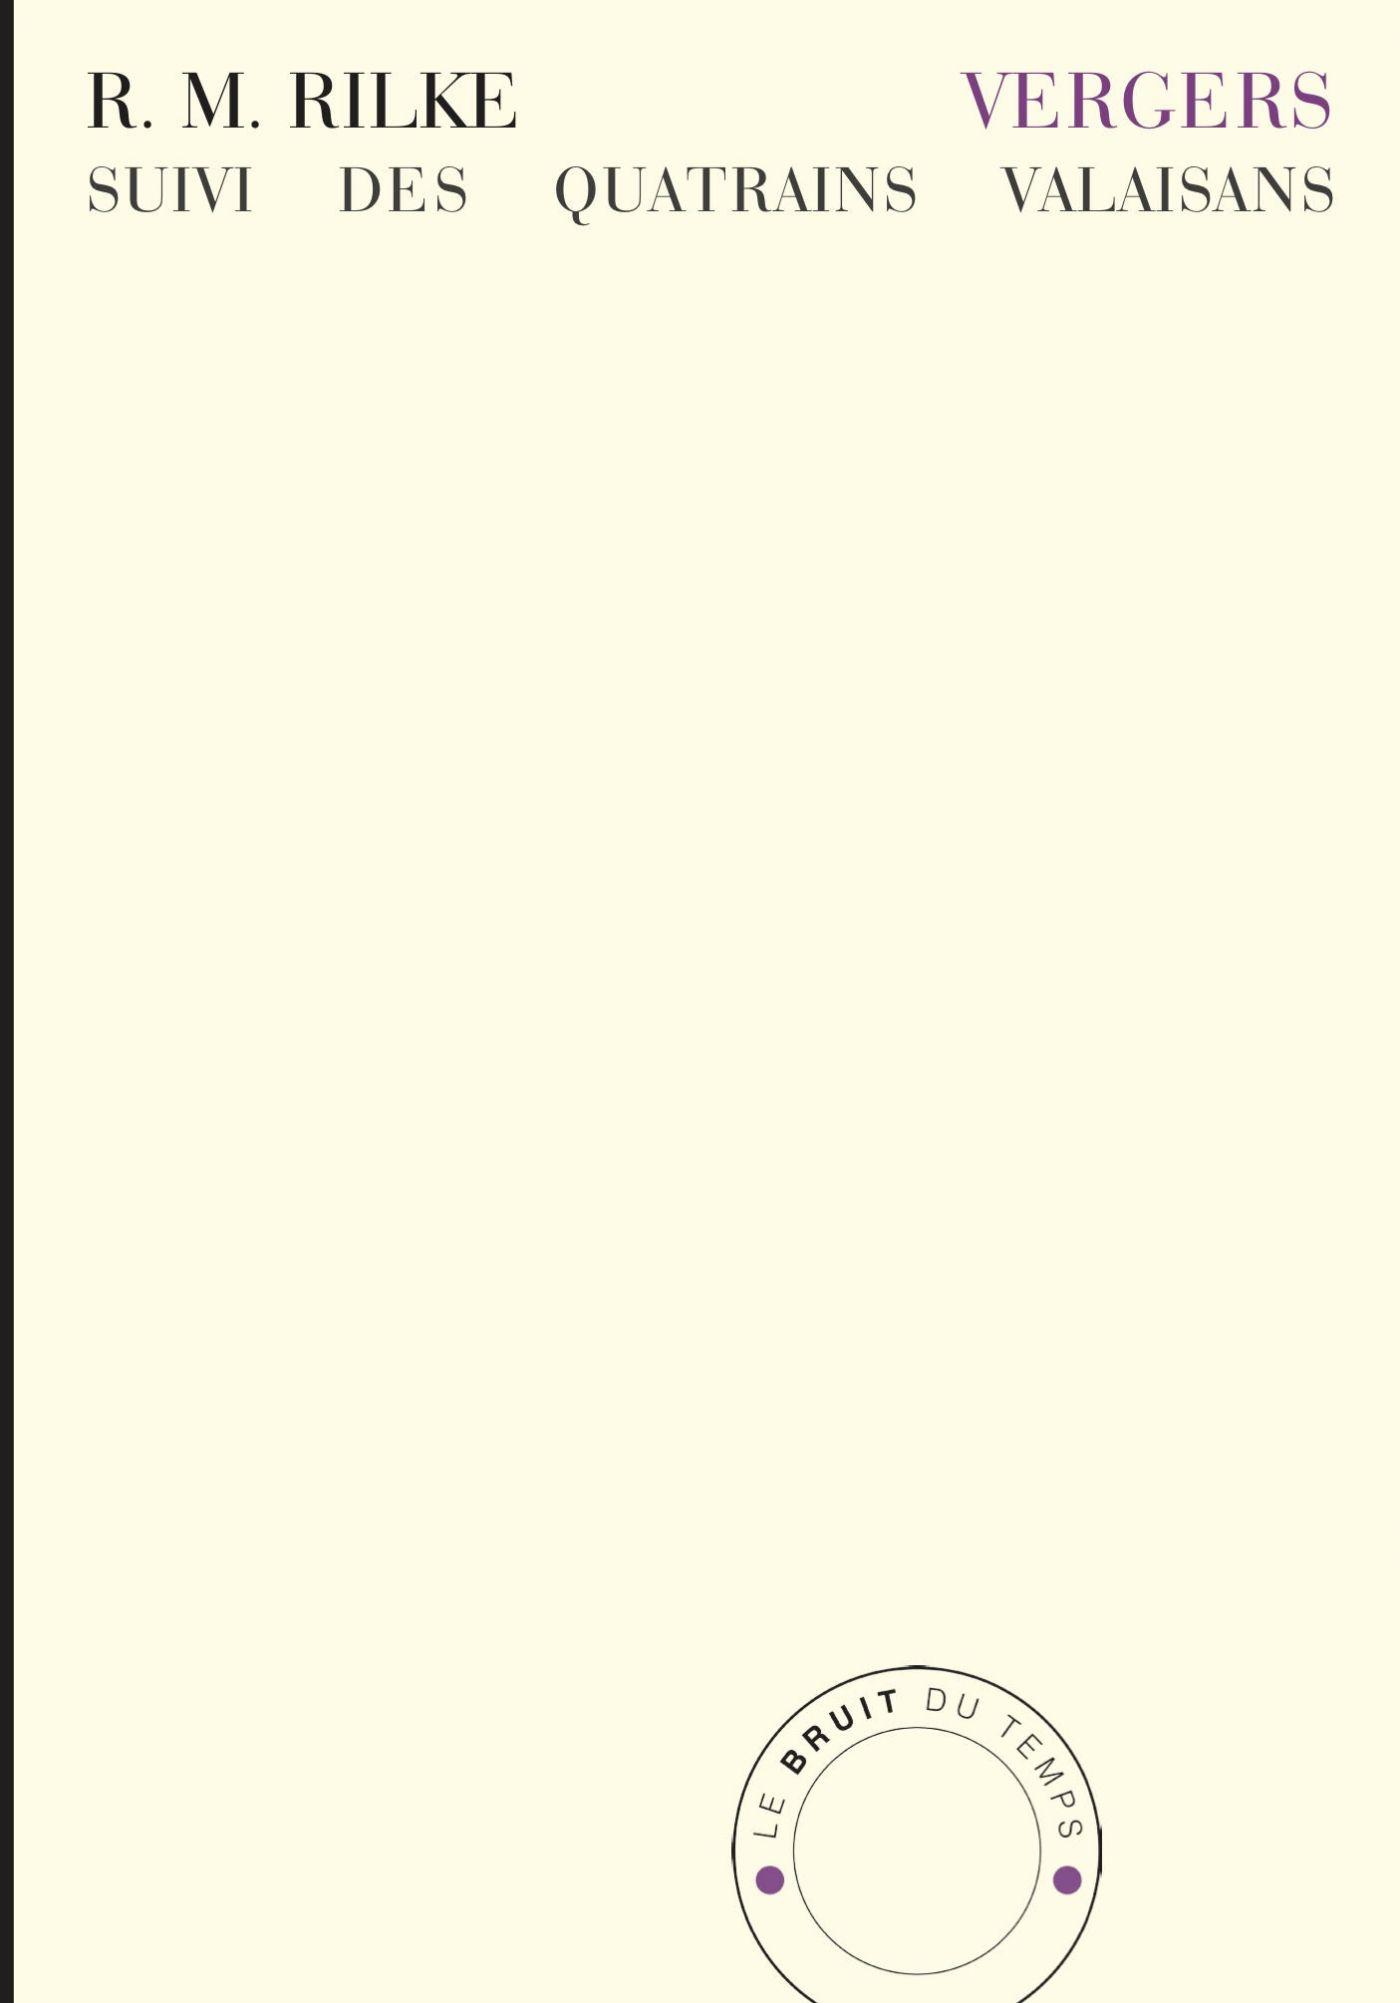 R. M. Rilke, Vergers suivi des Quatrains valaisans